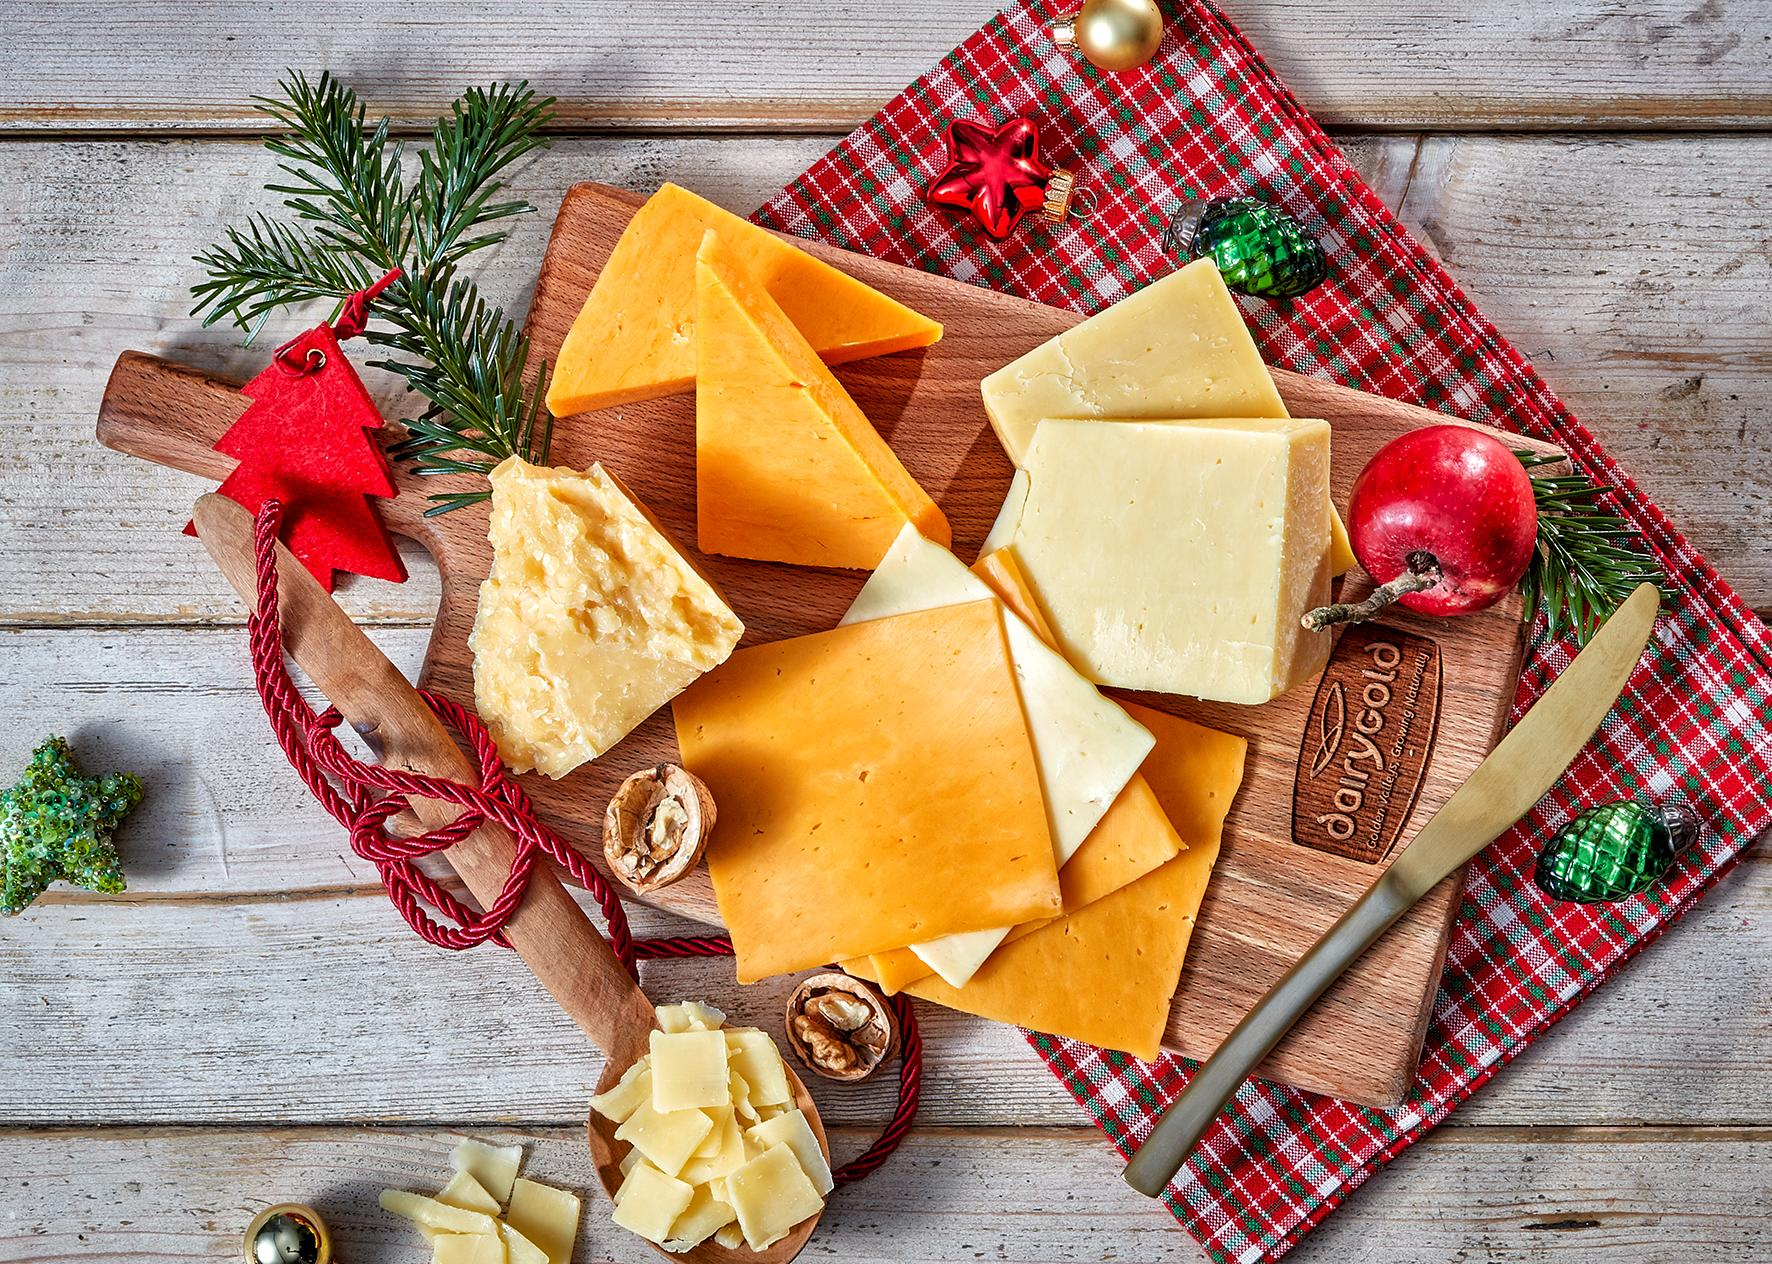 Die Festtage mit Käse von Dairygold genießen